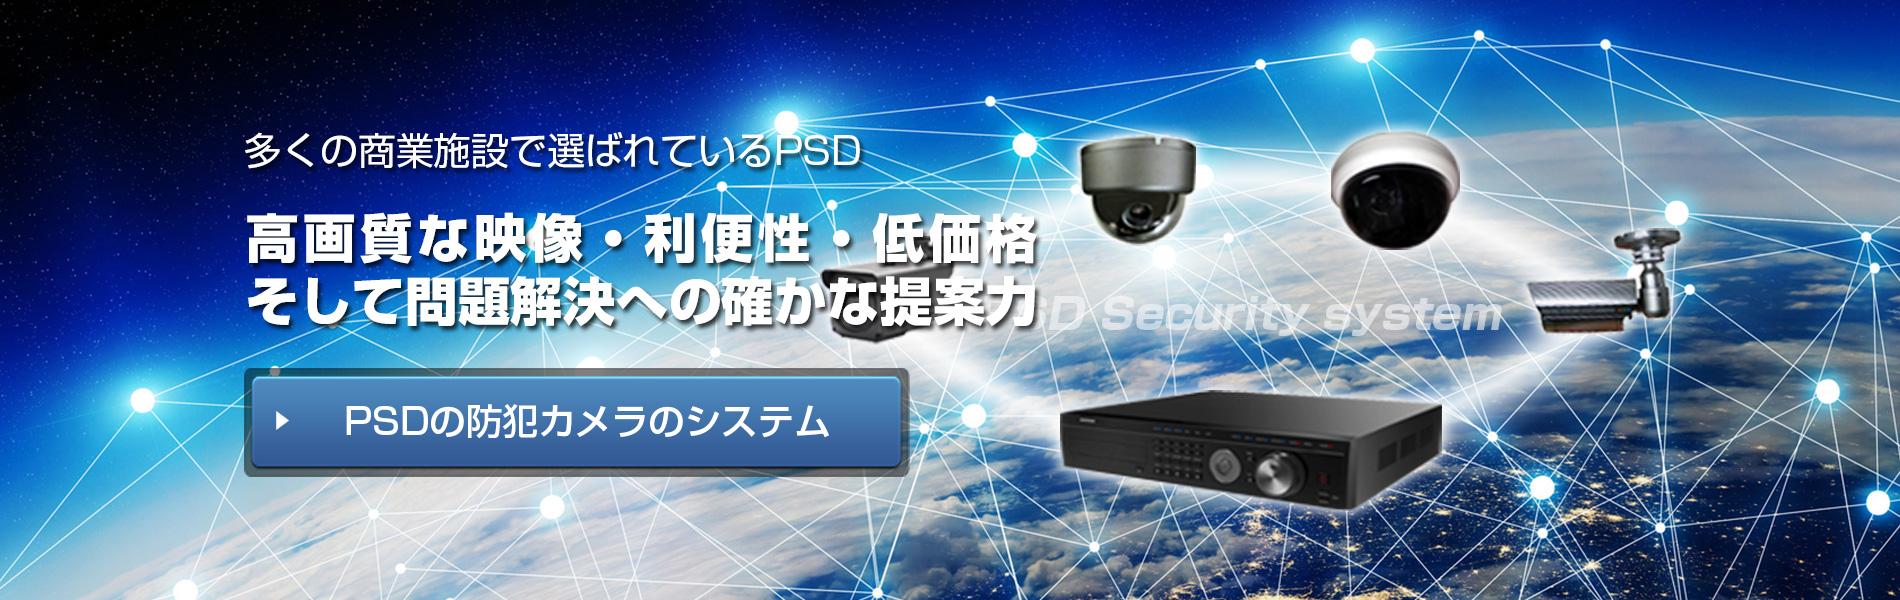 多くの商業施設で選ばれる防犯カメラ